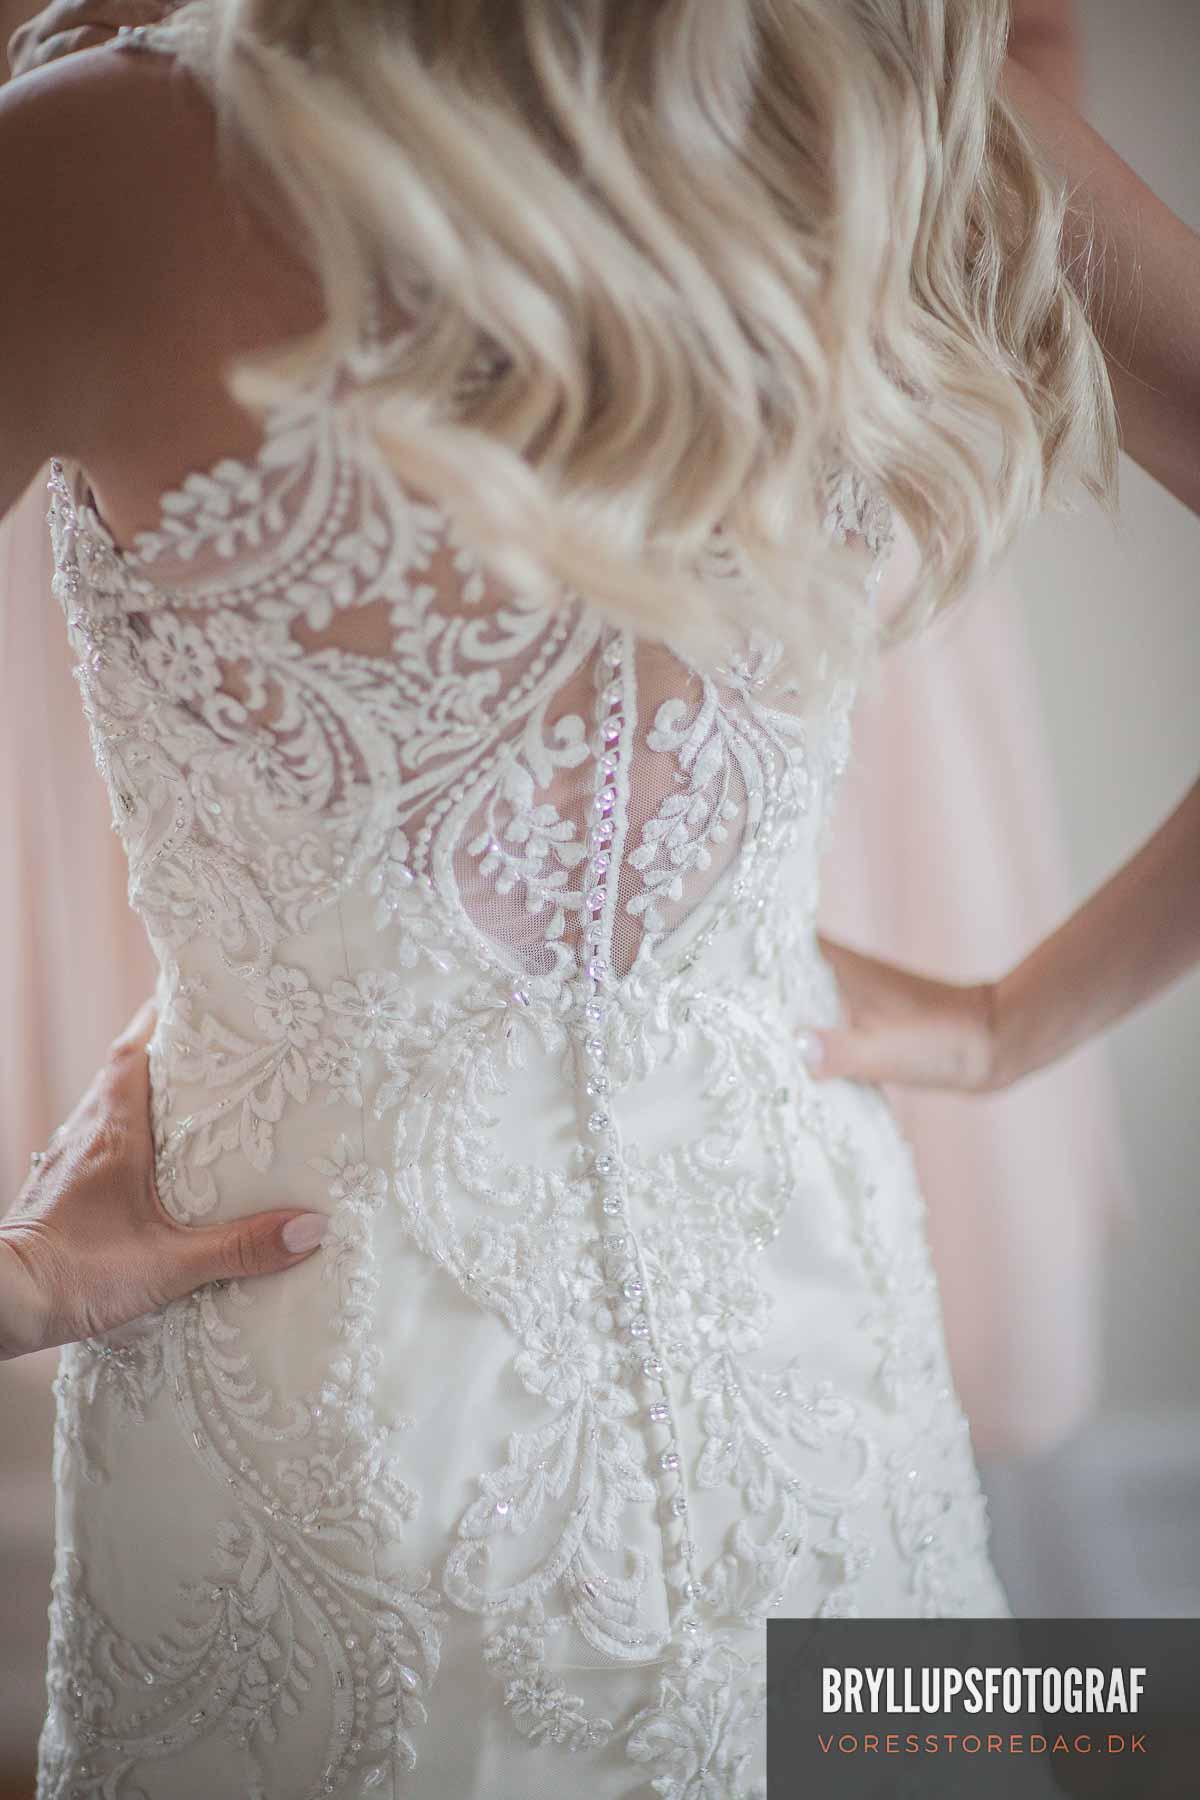 Danmarks bedste bryllupsfotografer Vejle